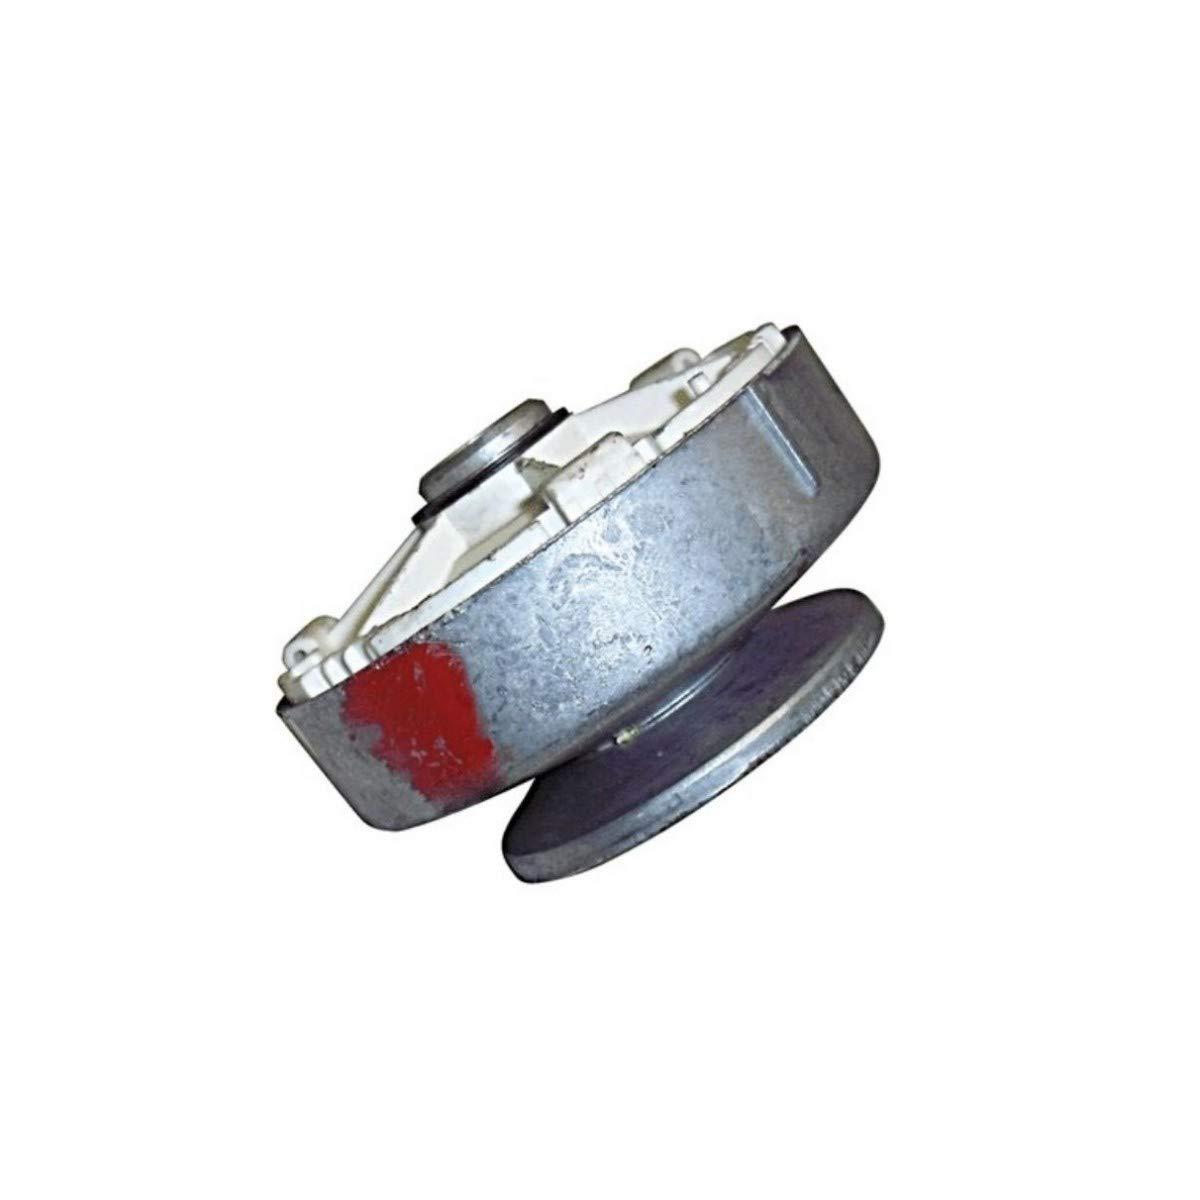 Recamania Polea Motor Lavadora Candy CENTRIFUGA CS641 92993880 ...